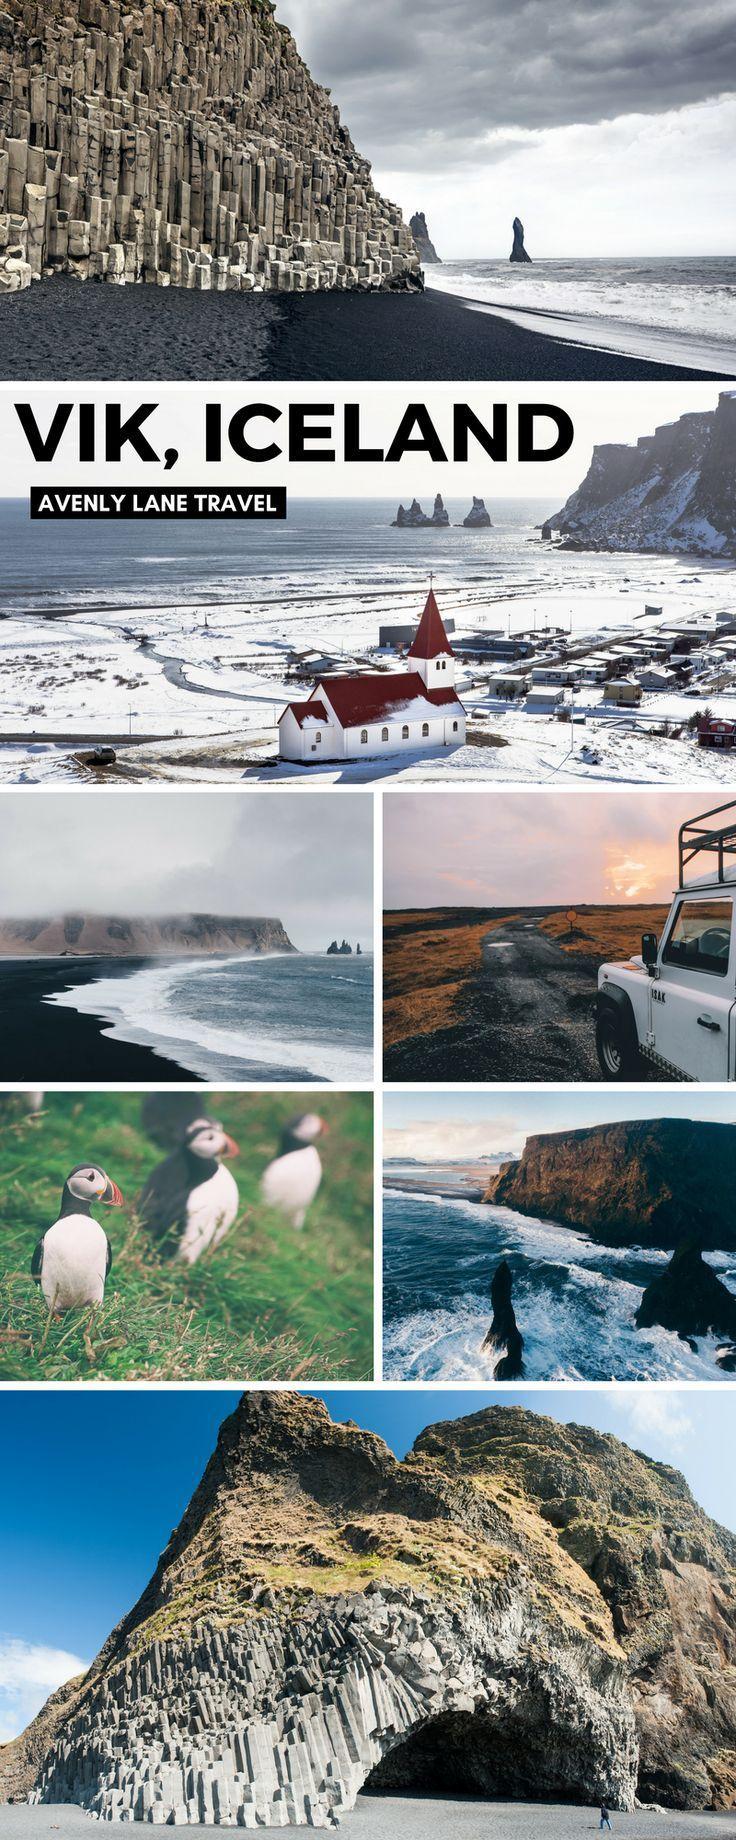 Vik Island, warum es ein Muss ist!